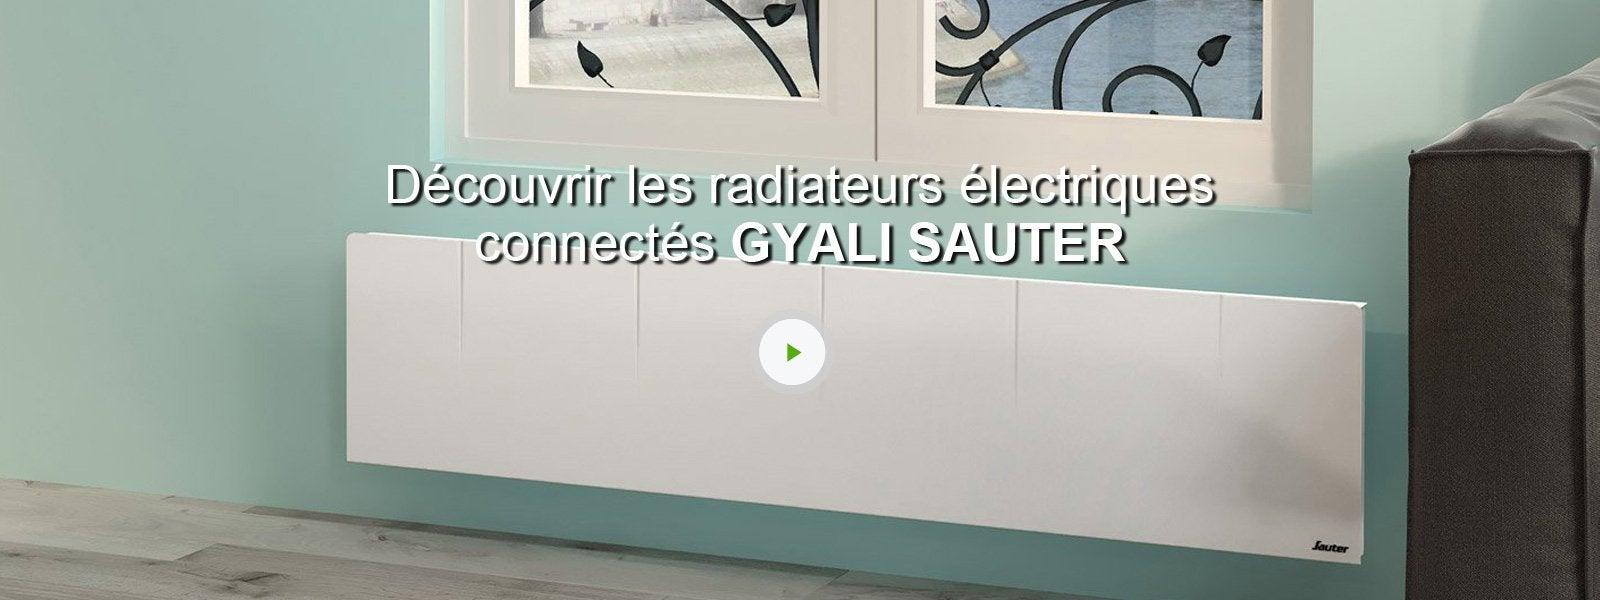 radiateur lectrique connect inertie pierre sauter. Black Bedroom Furniture Sets. Home Design Ideas